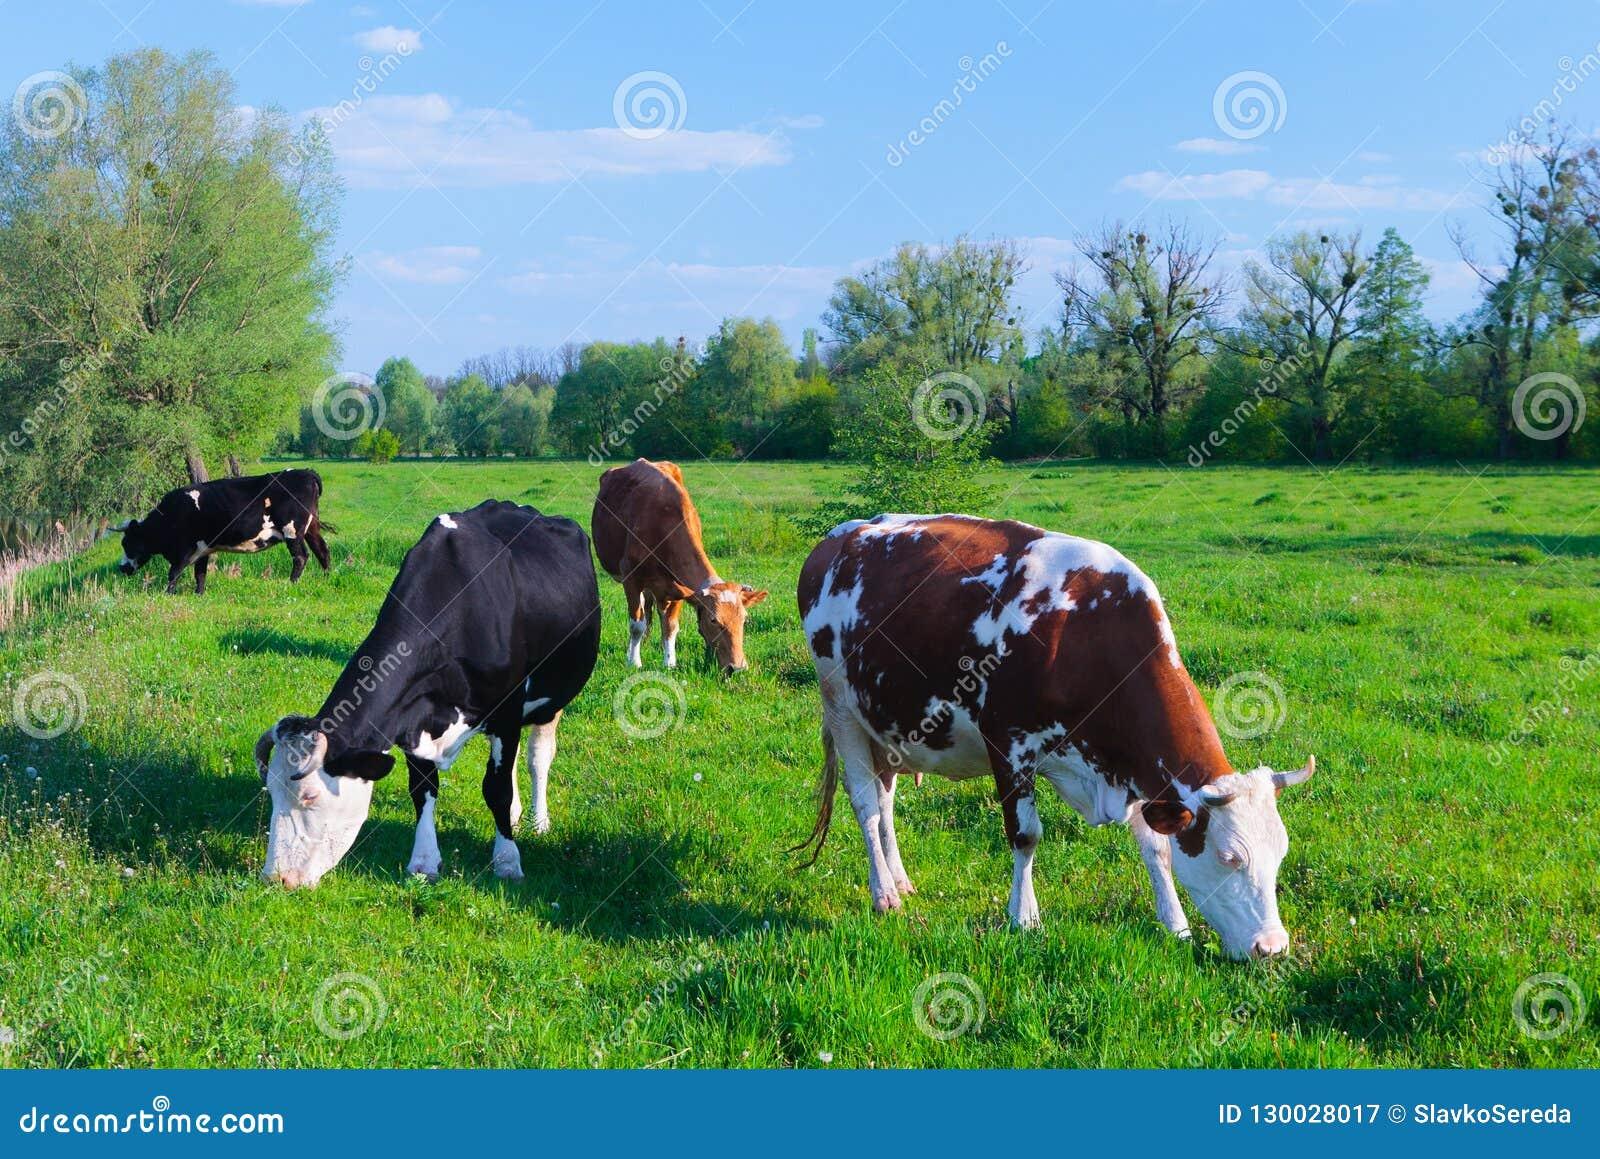 Vacas de leche que pastan en una pradera del campo de hierba verde debajo de SK azul